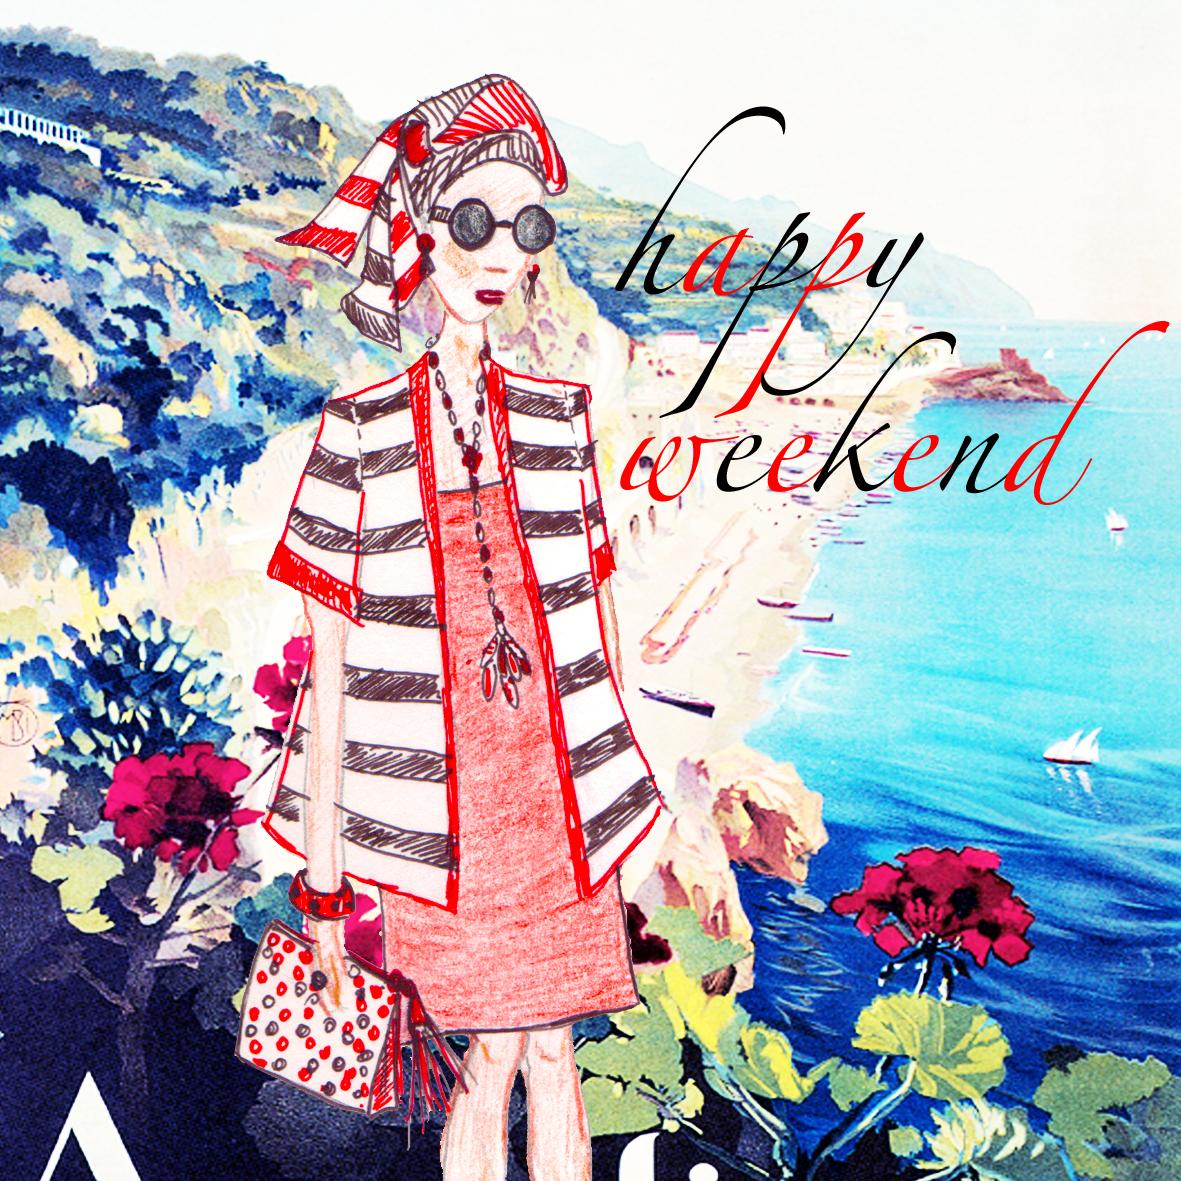 happy weekend.jpg